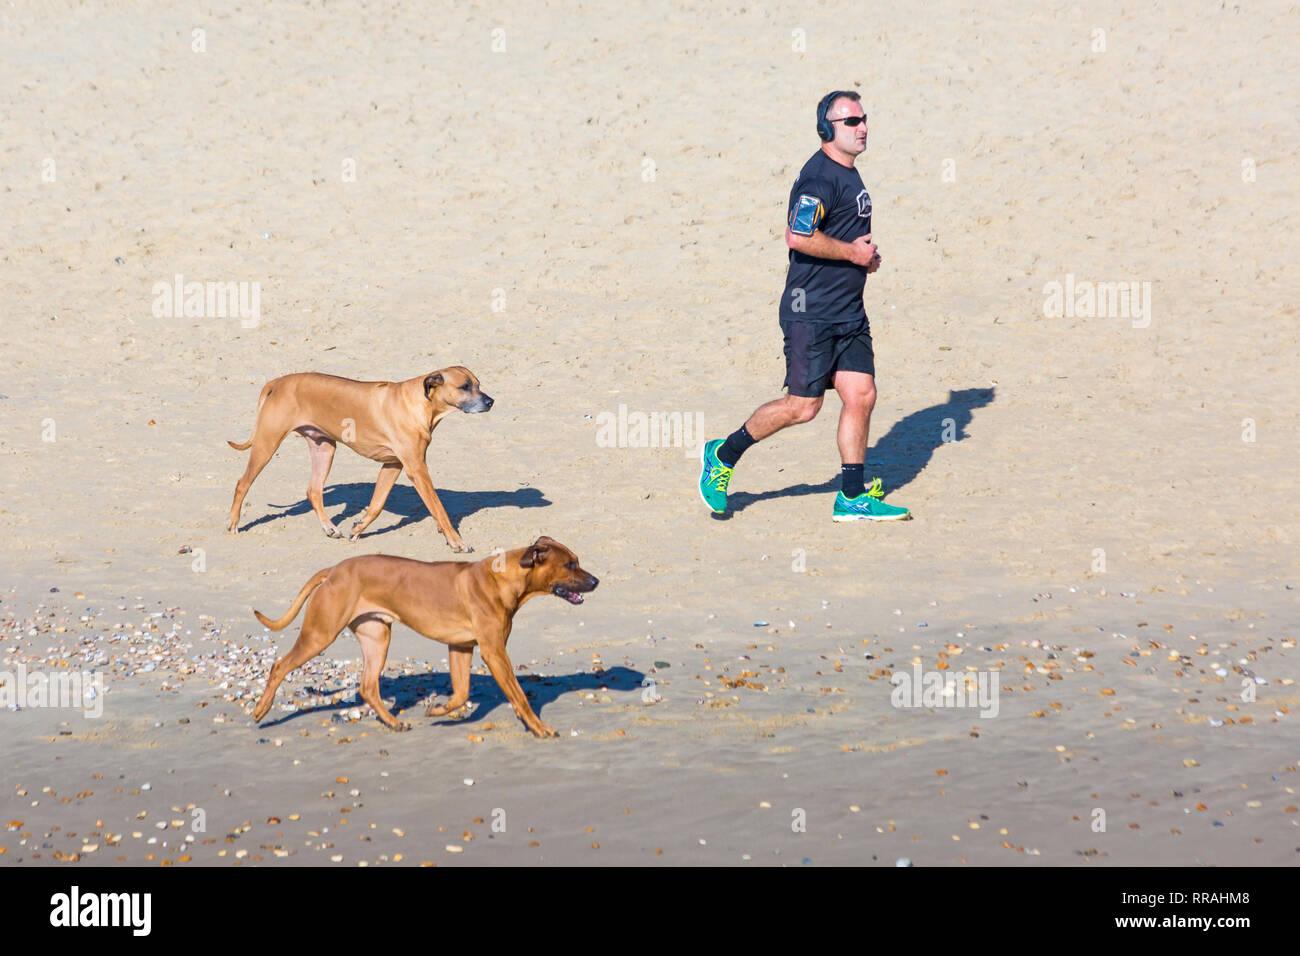 Bournemouth, Dorset, Reino Unido. 25 Feb, 2019. El clima del REINO UNIDO: otro hermoso día soleado, cálido en Bournemouth como visitantes disfrutar del sol en la playa, en el día más caluroso del año hasta ahora y caluroso día de febrero nunca. Hombre corriendo a lo largo de orilla con perros. Crédito: Carolyn Jenkins/Alamy Live News Foto de stock